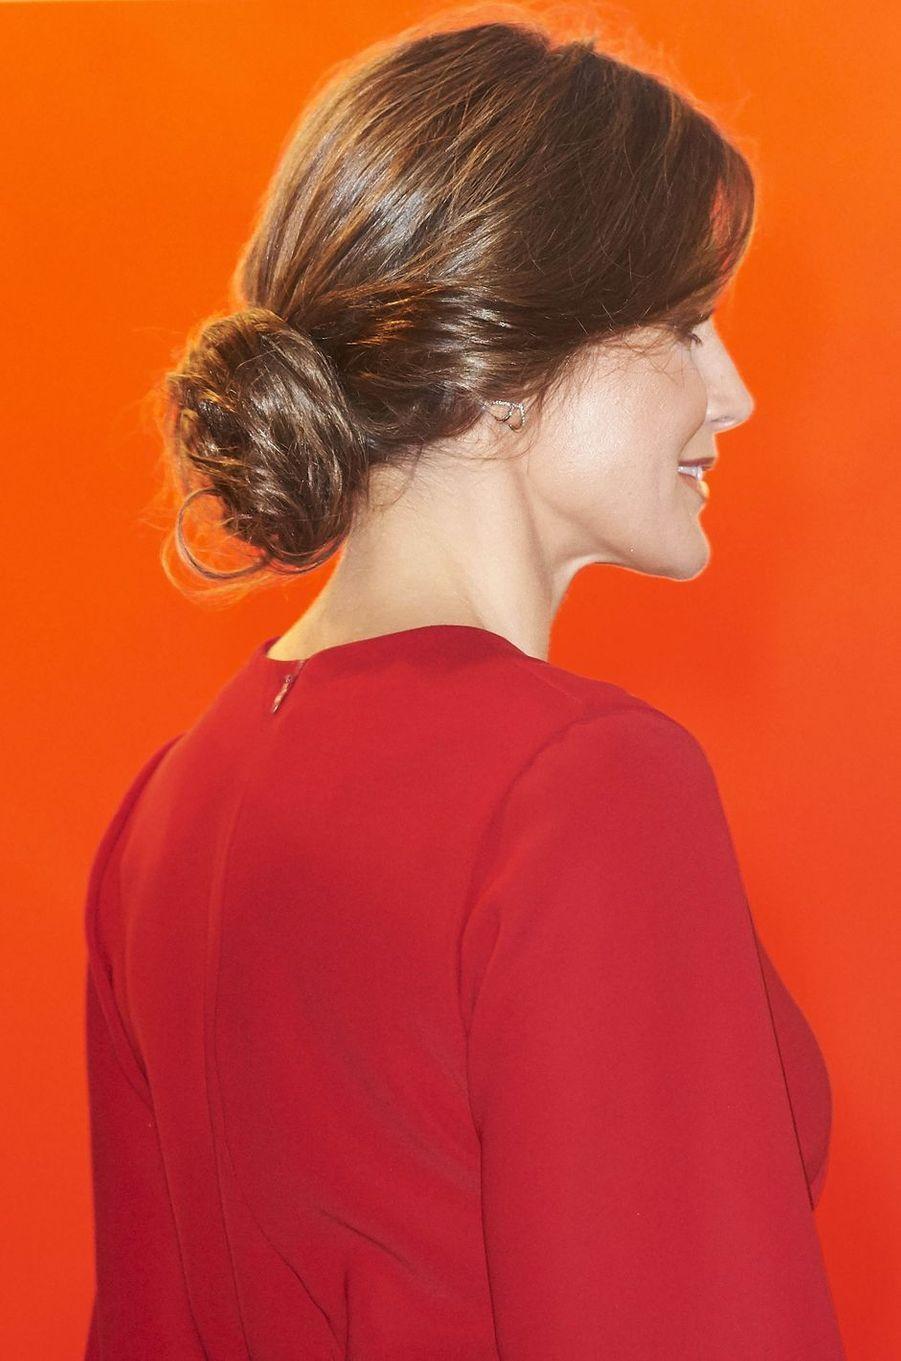 Le chignon de la reine Letizia d'Espagne à Madrid, le 22 février 2018